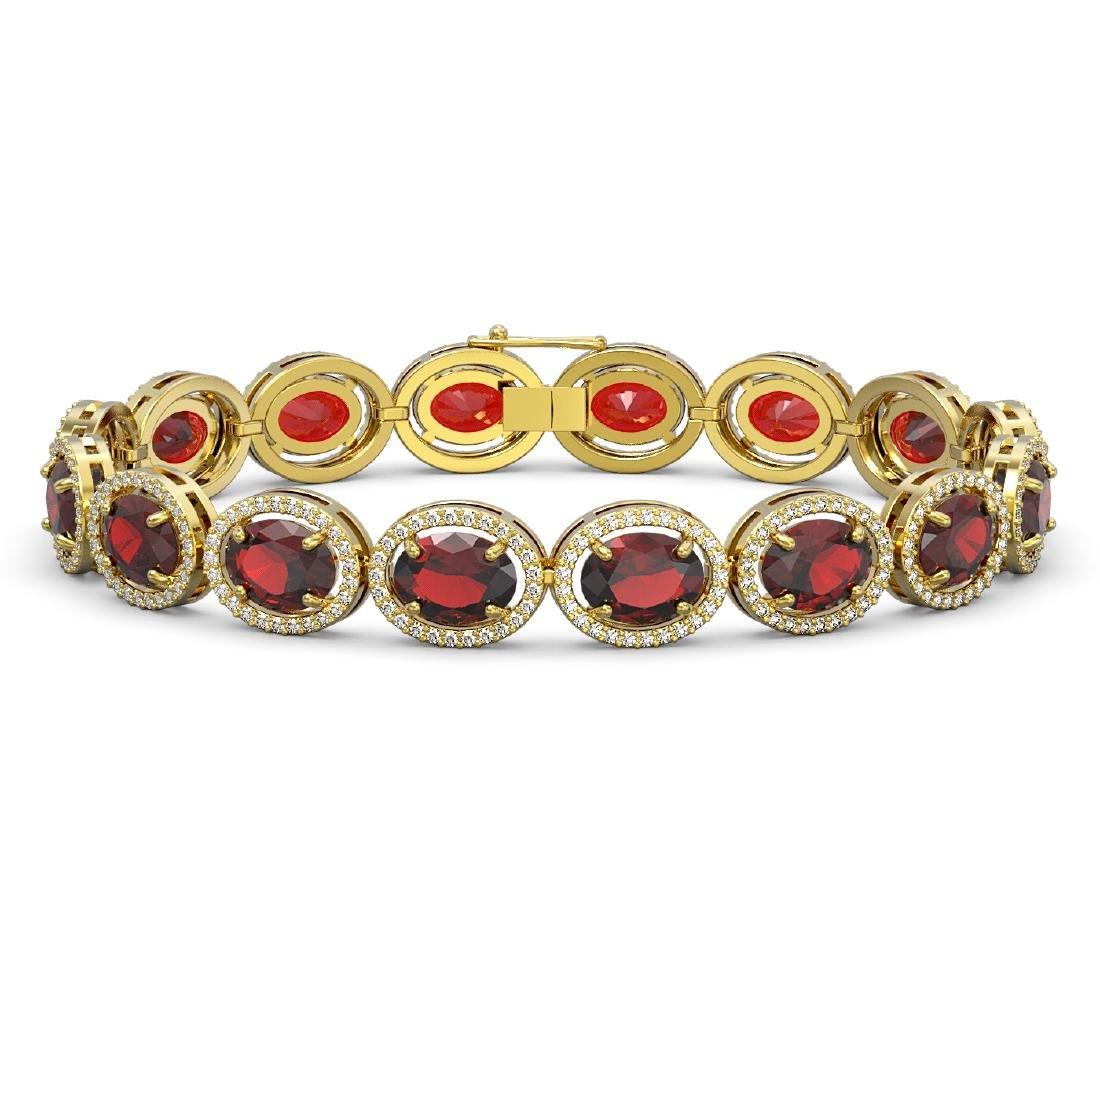 27.28 CTW Garnet & Diamond Halo Bracelet 10K Yellow